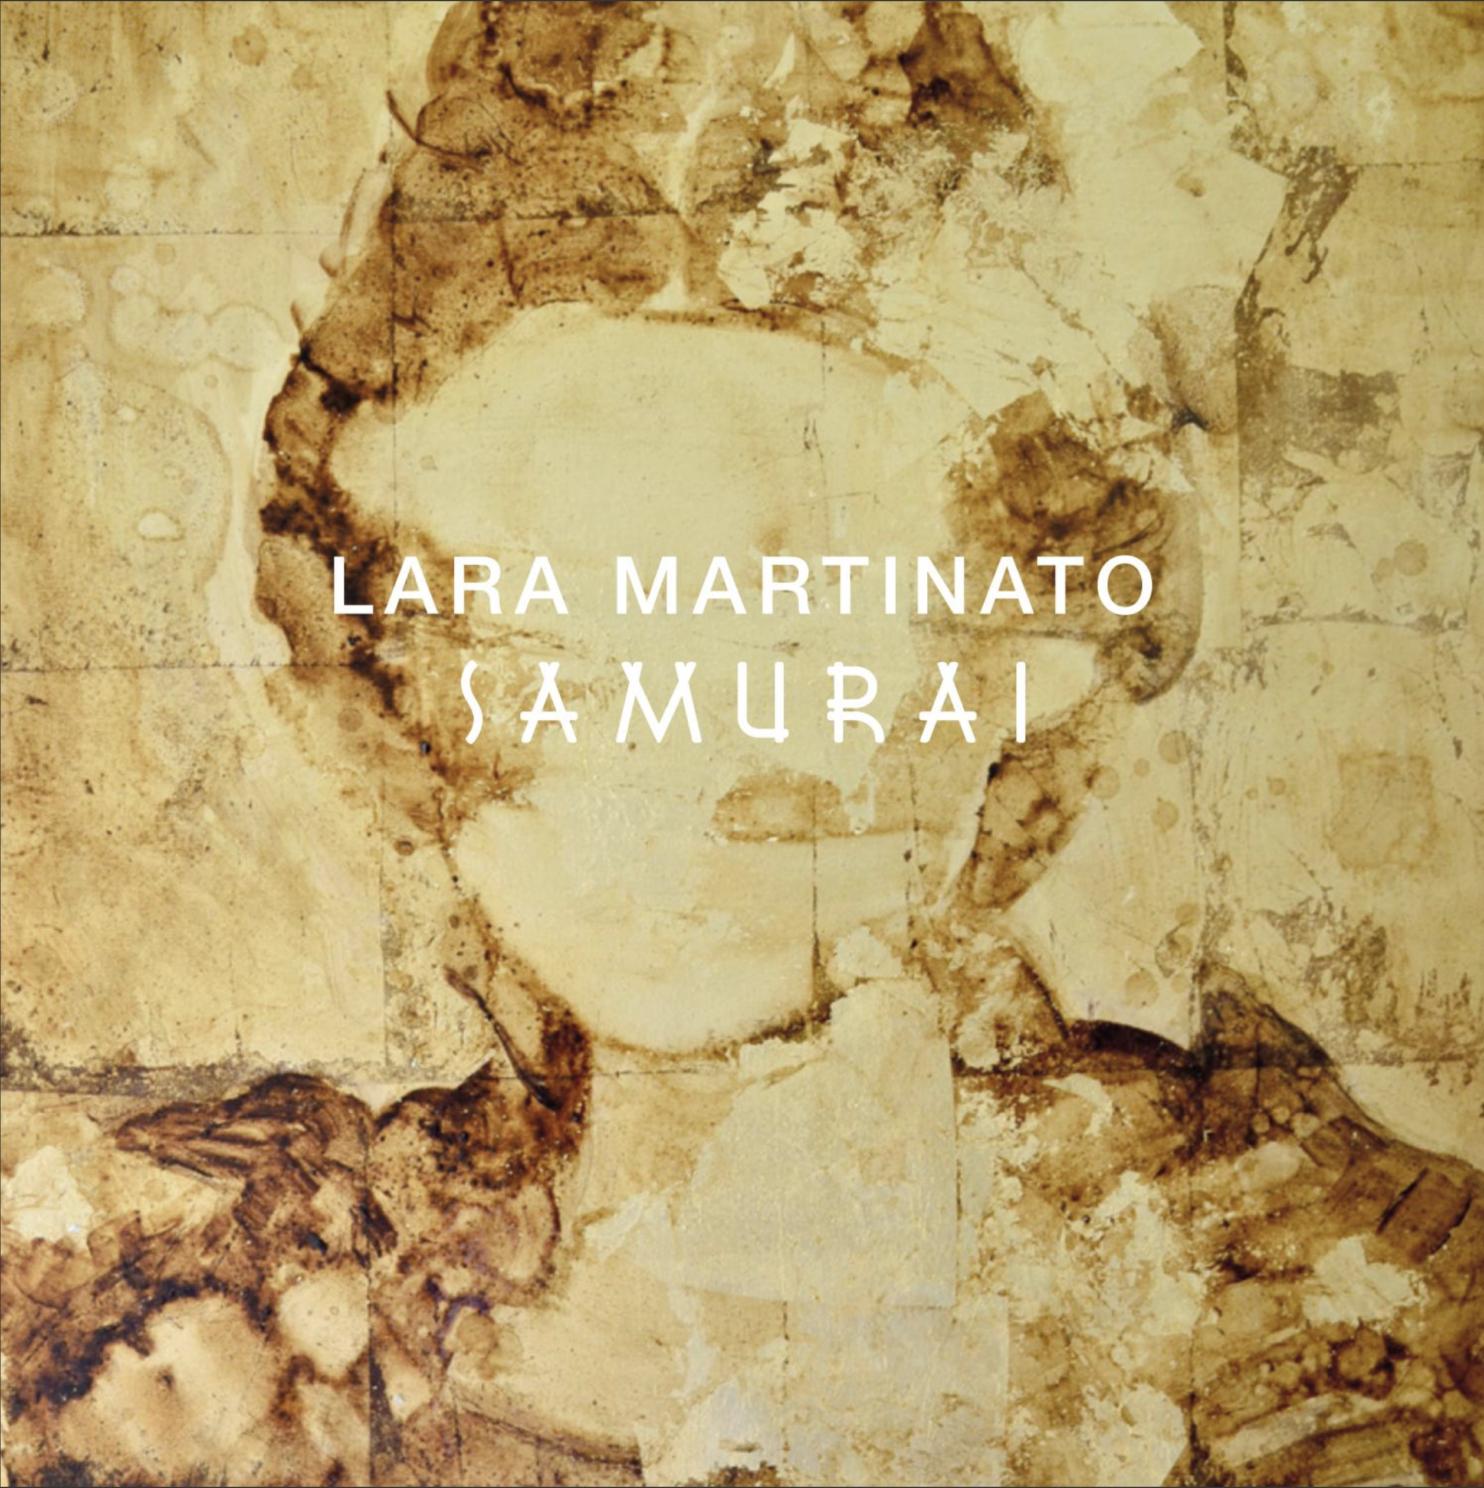 LARA MARTINATO | SAMURAI